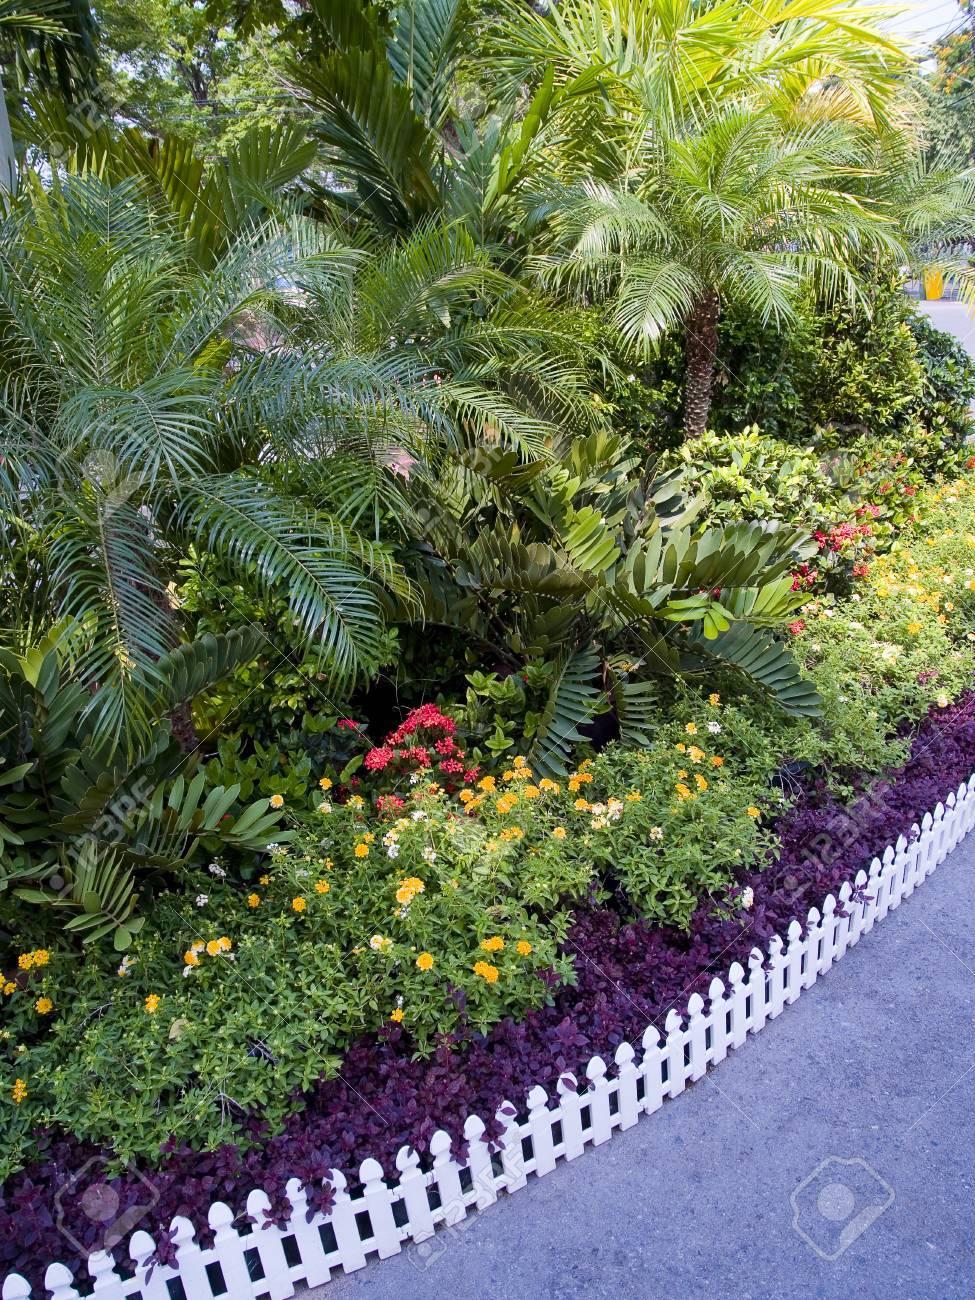 Piante Per Recinzioni Giardino.Un Piccolo Giardino Con Piante Ornamentali Colorate Ed E Delimitata Da Recinzione Bianco Woody